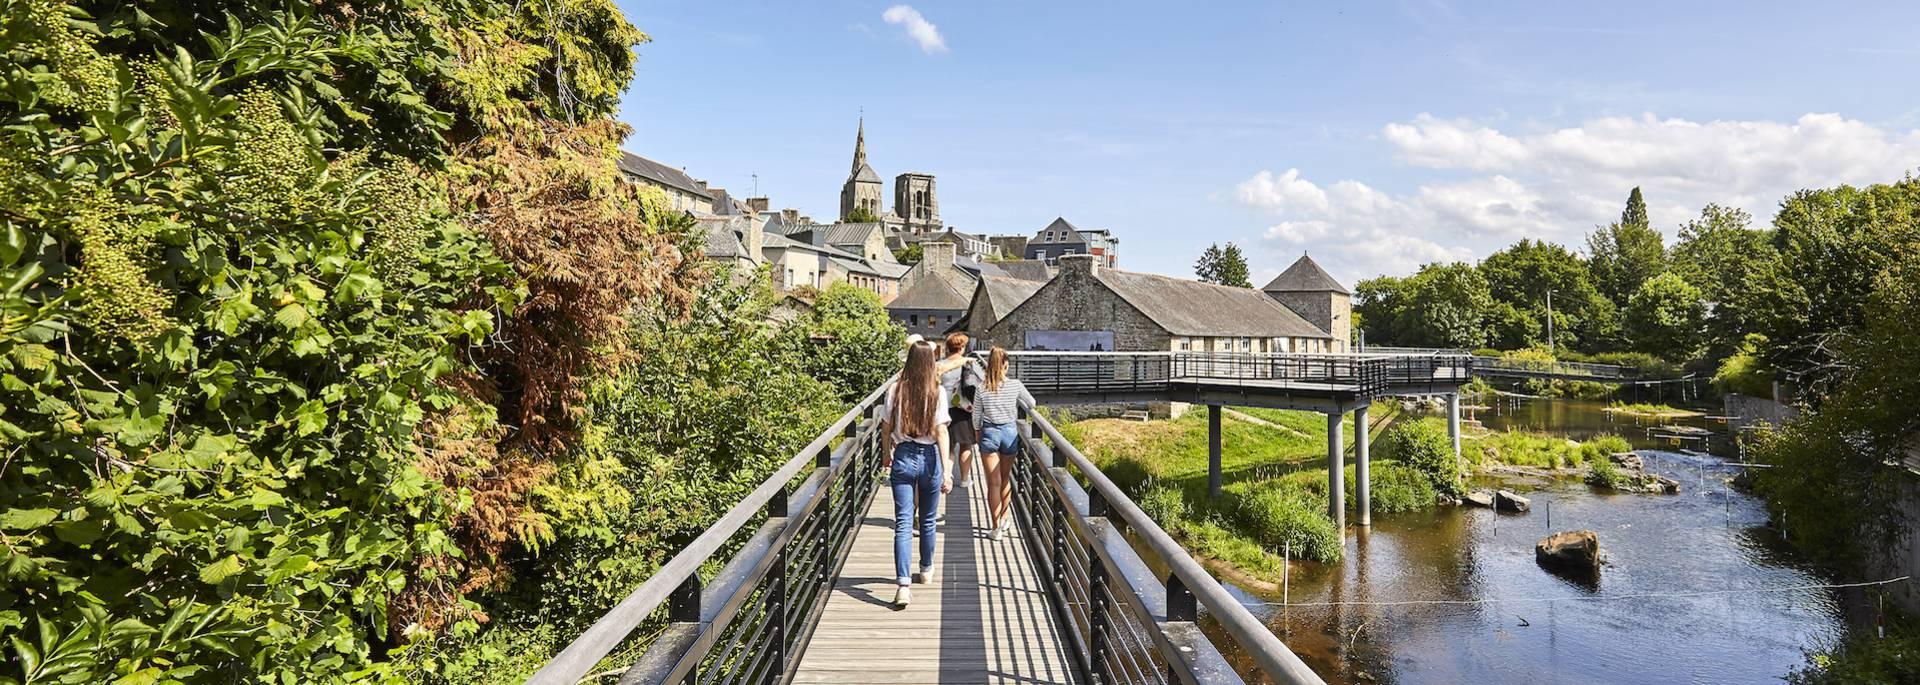 Passerelle à Guingamp ©Alexandre Lamoureux